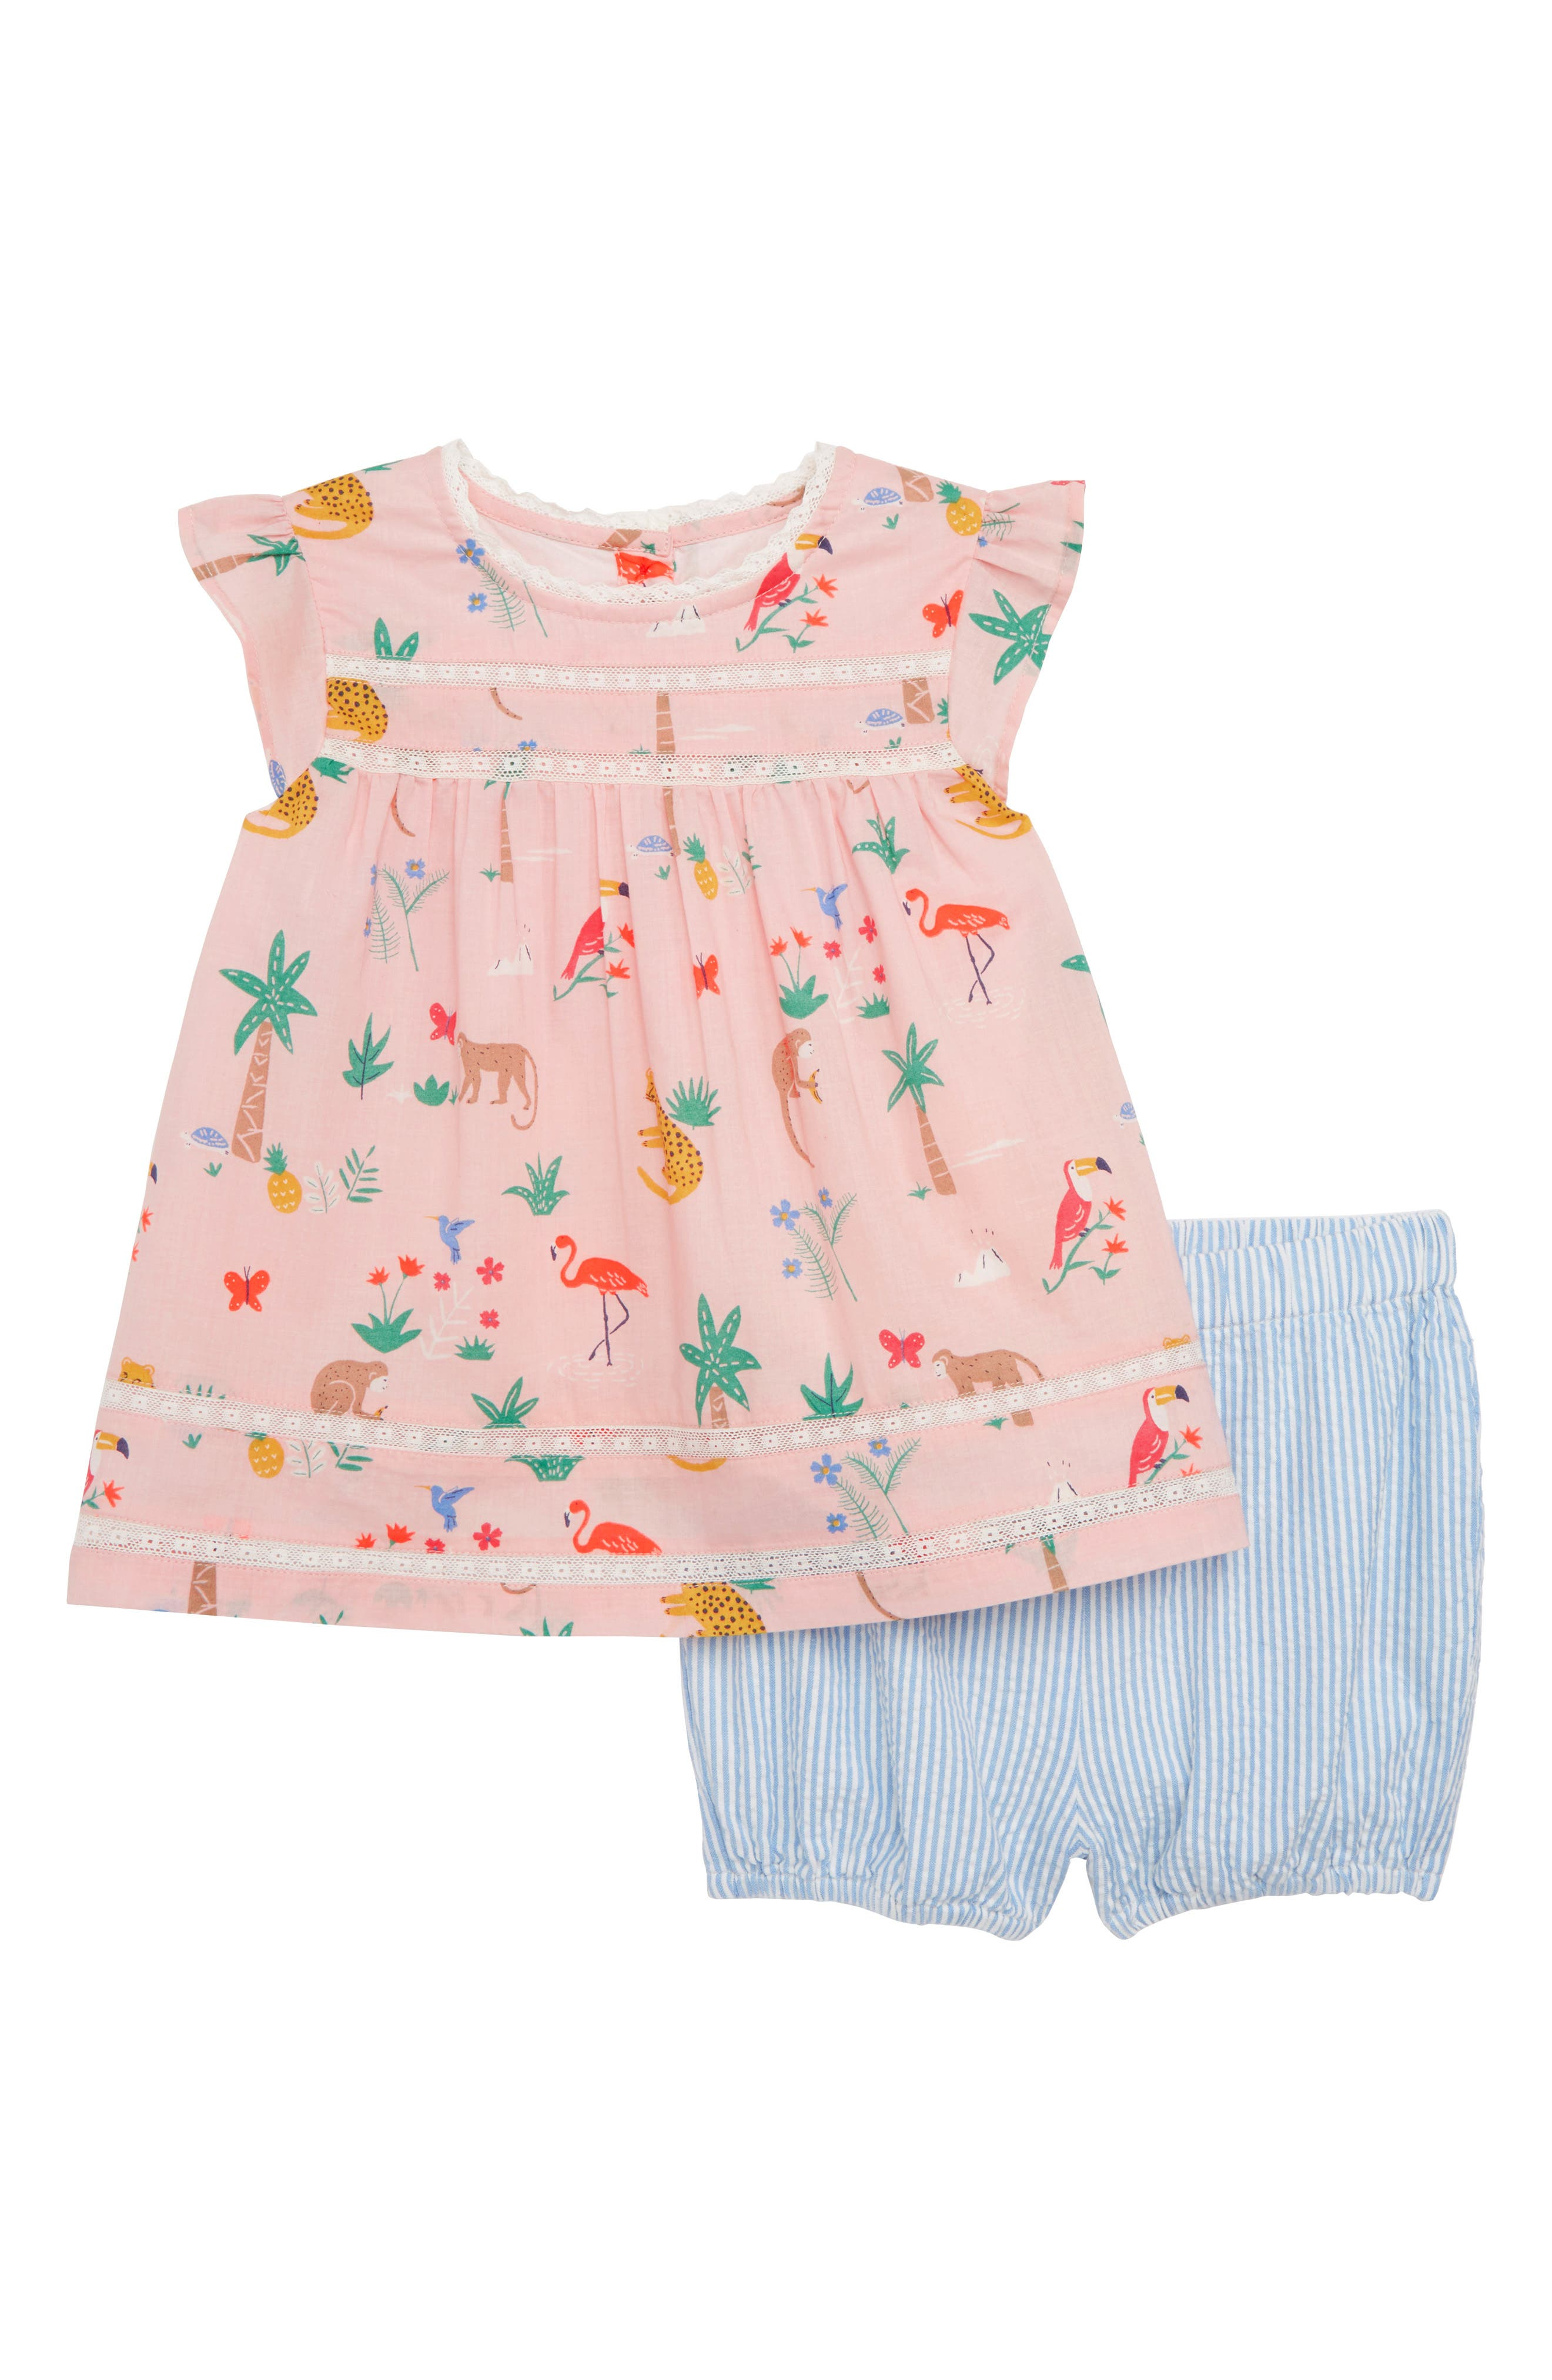 Sunny Days Top & Shorts Set,                             Main thumbnail 1, color,                             656